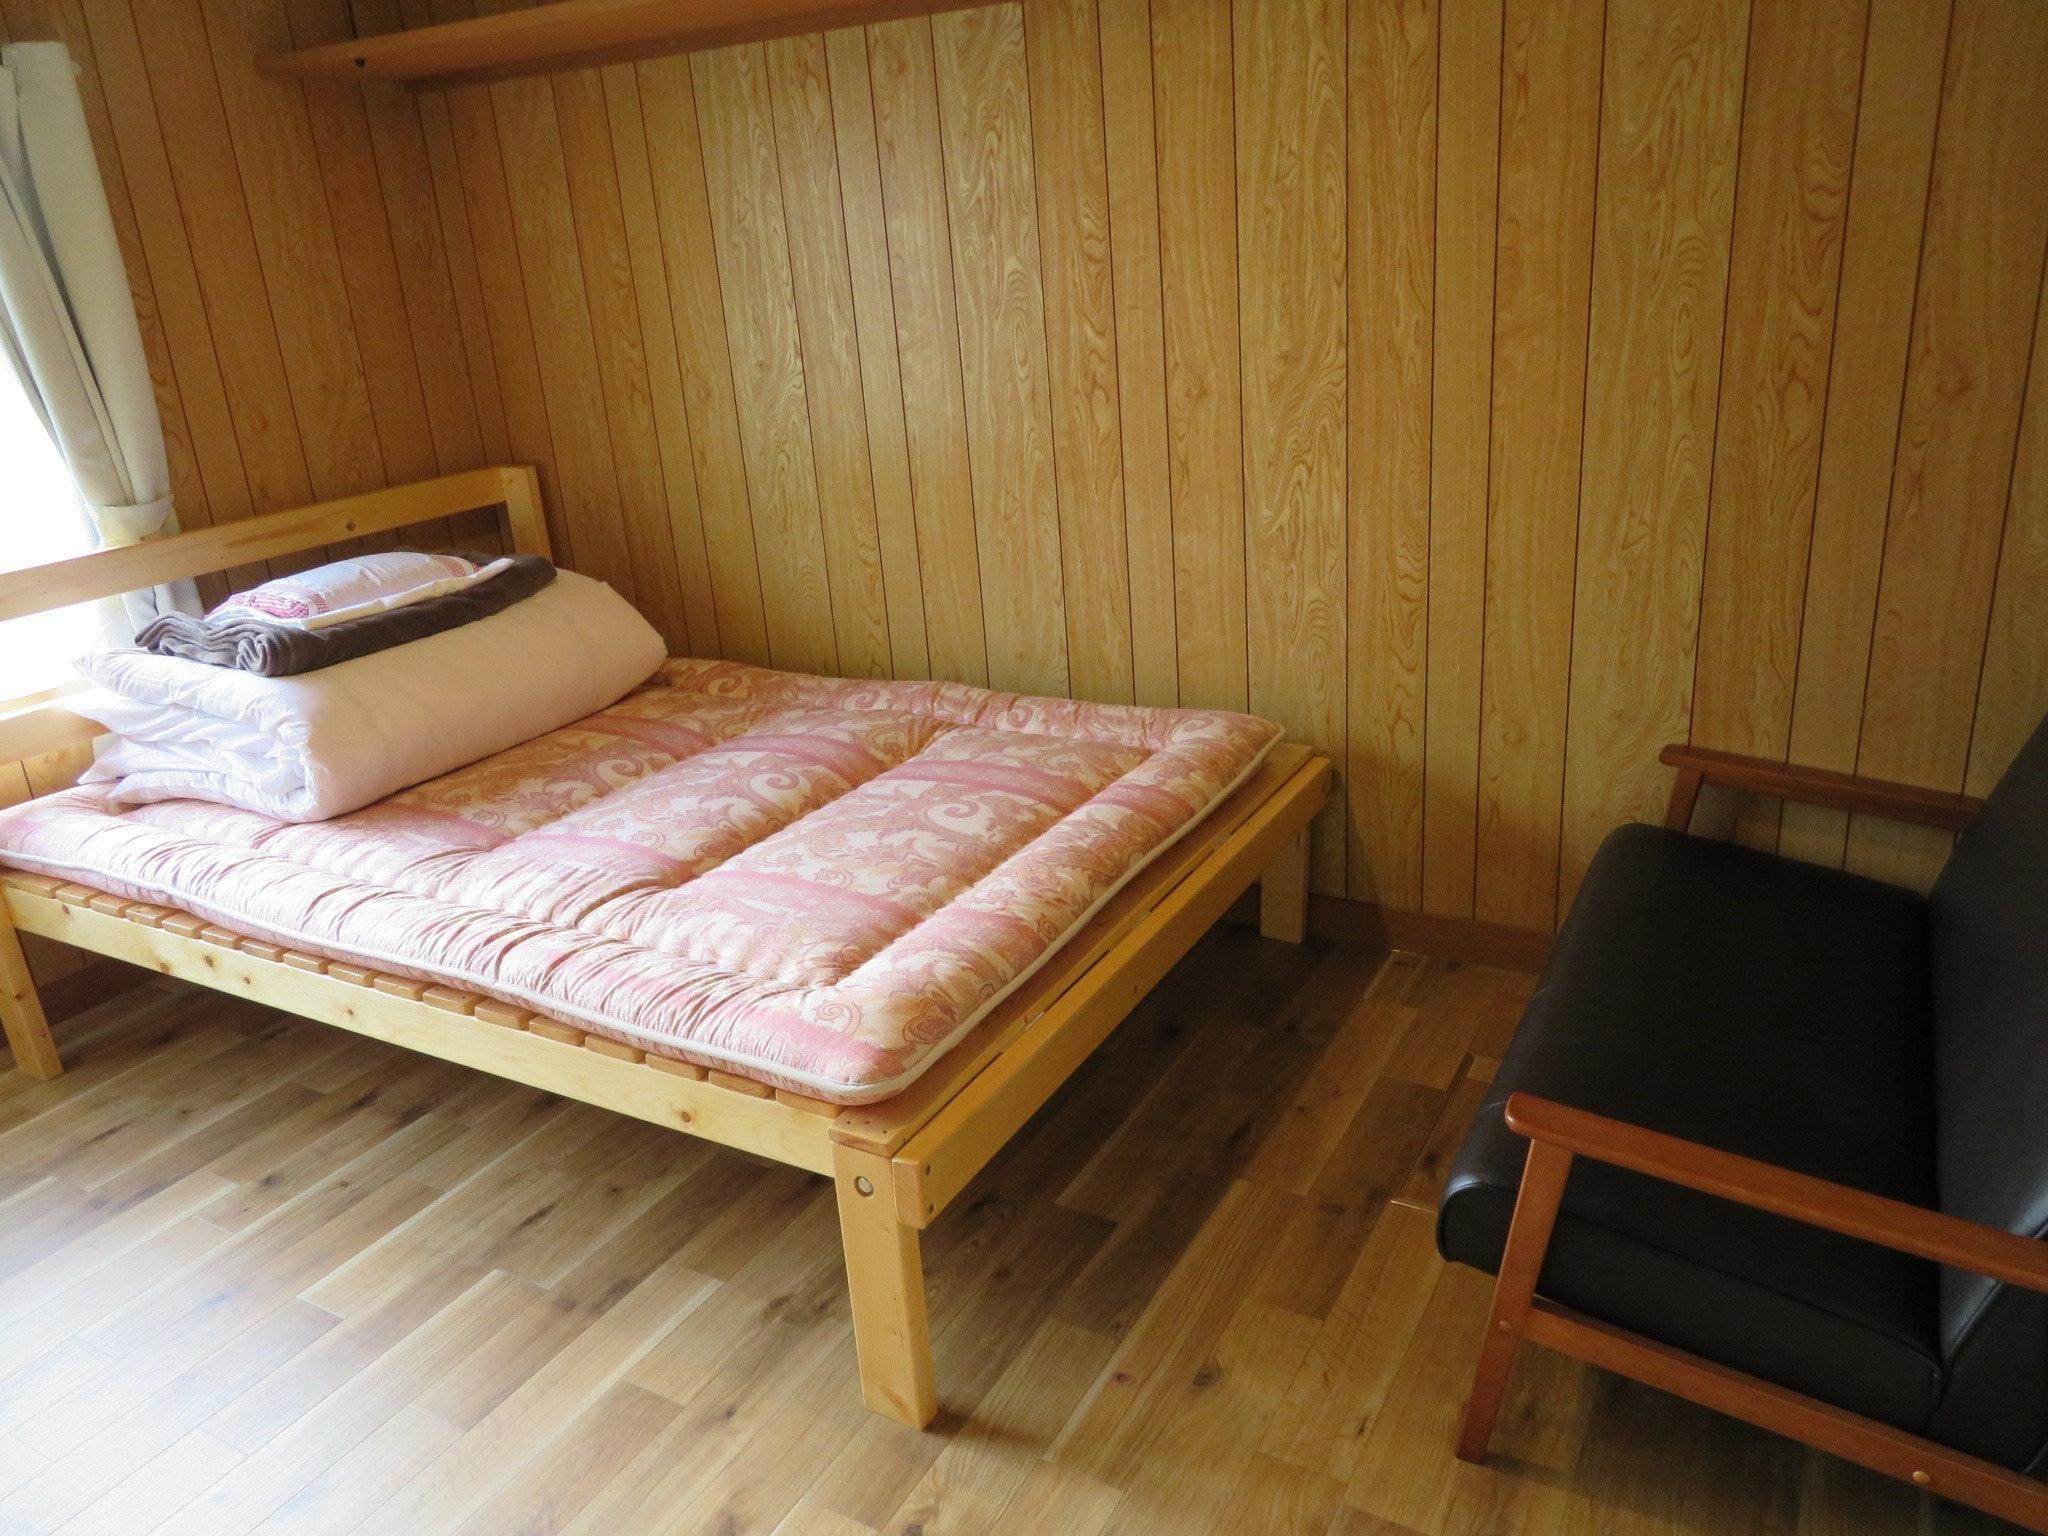 スーペリア 3ベッドルーム ハウス